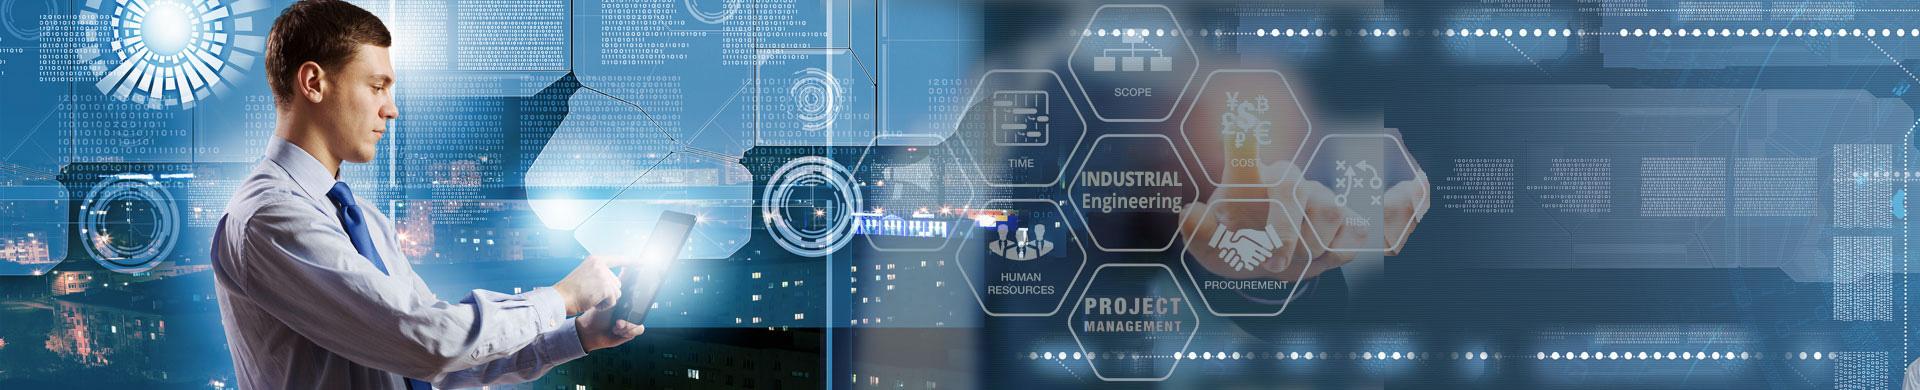 אודות הנדסת תעשייה וניהול